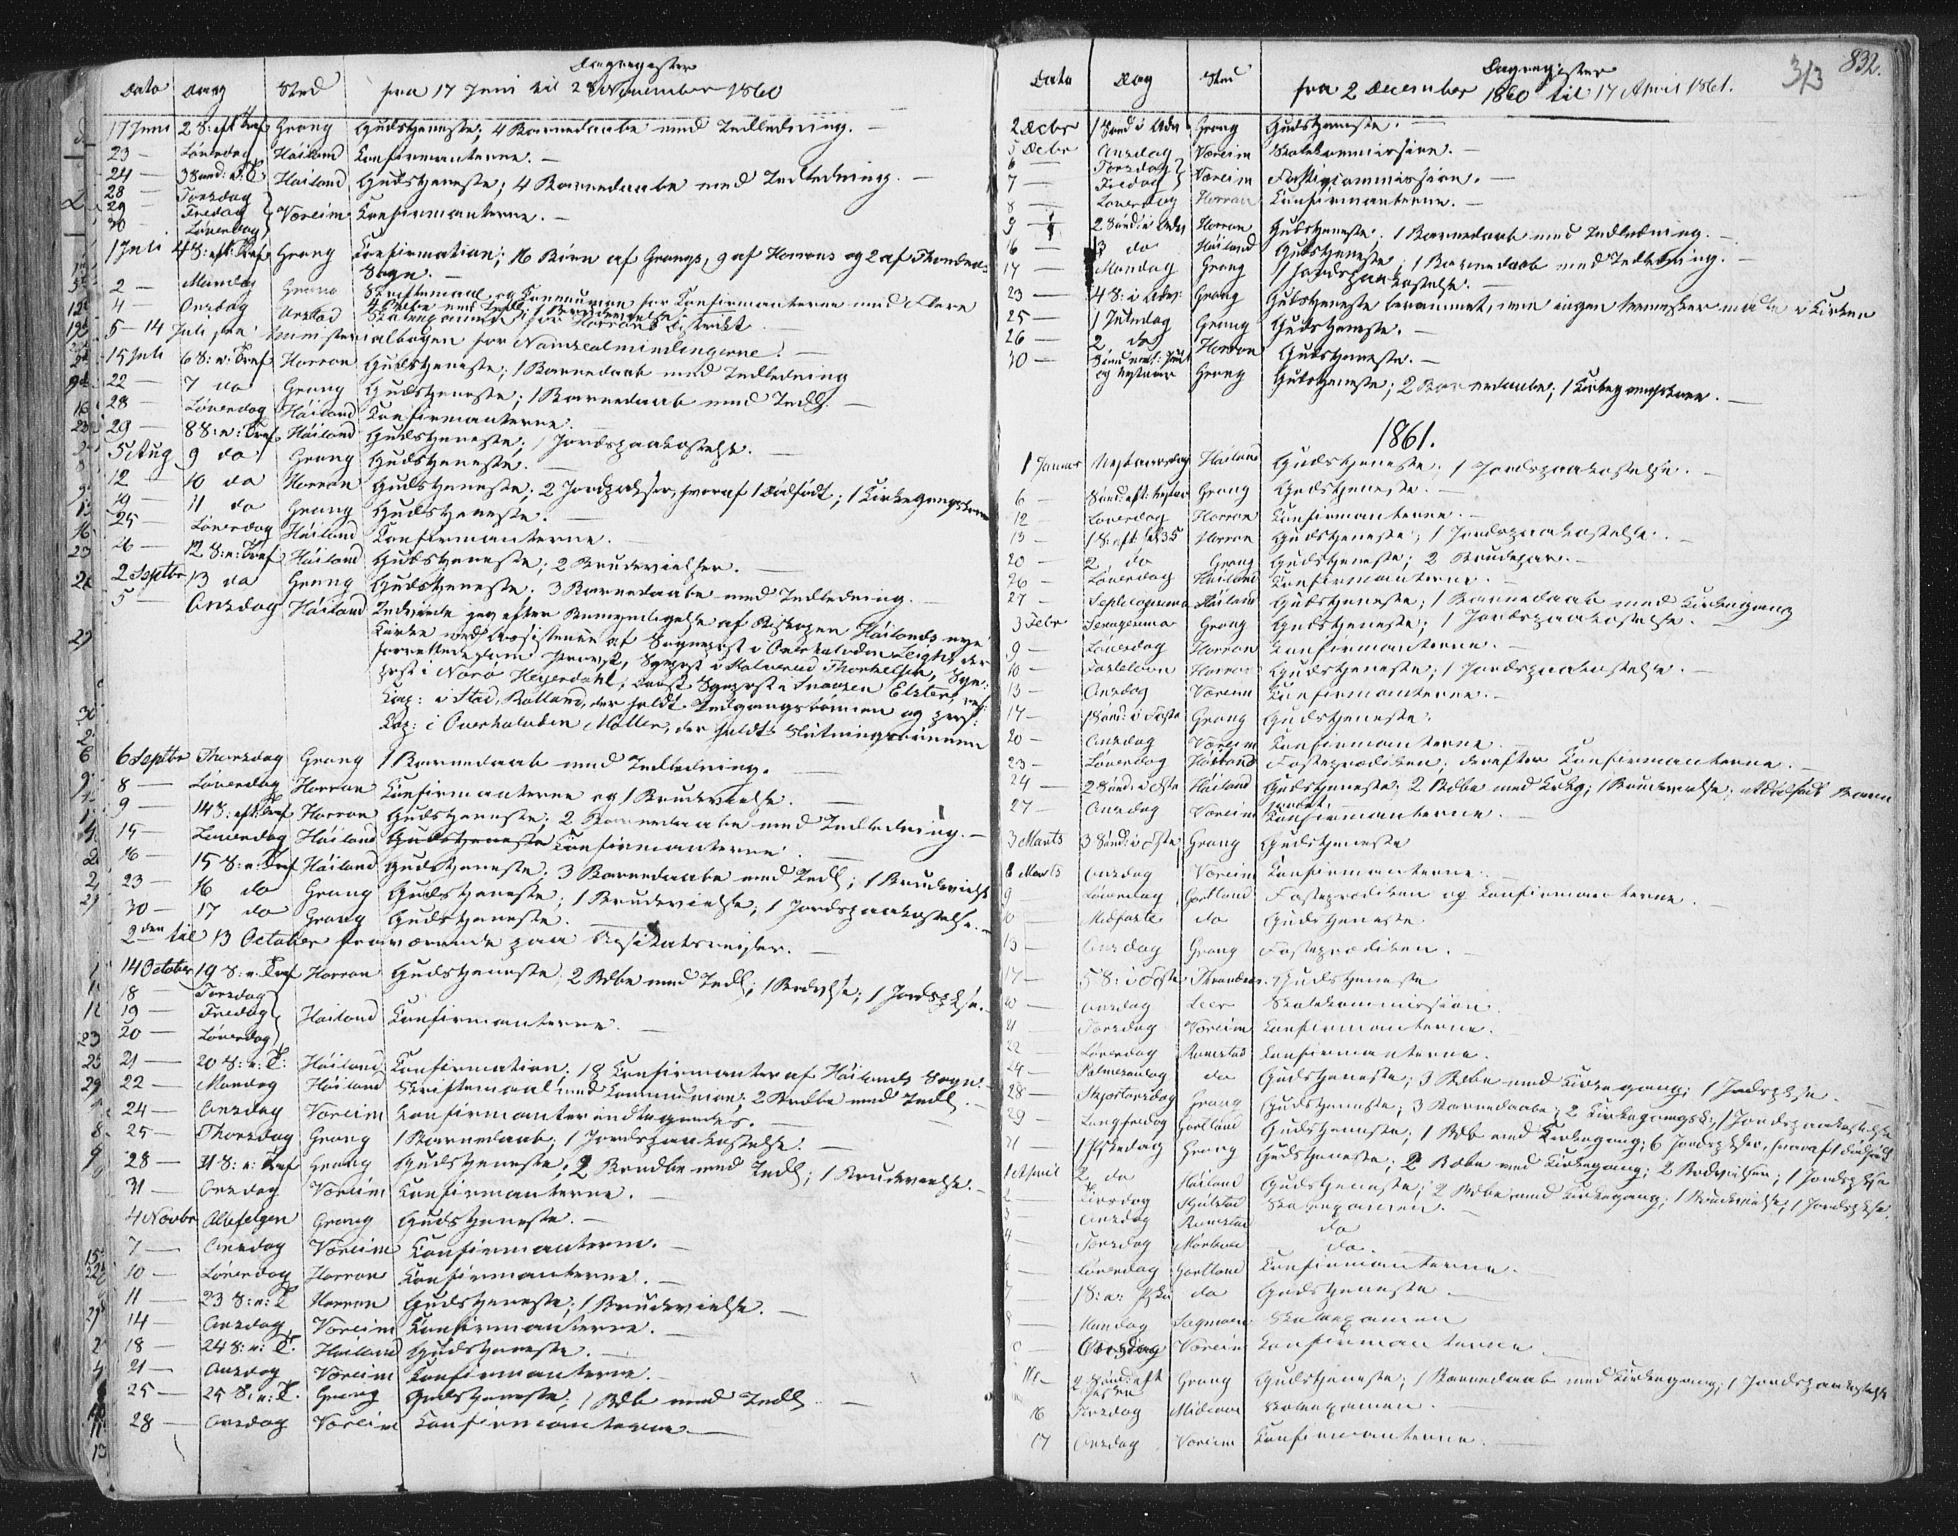 SAT, Ministerialprotokoller, klokkerbøker og fødselsregistre - Nord-Trøndelag, 758/L0513: Ministerialbok nr. 758A02 /1, 1839-1868, s. 313